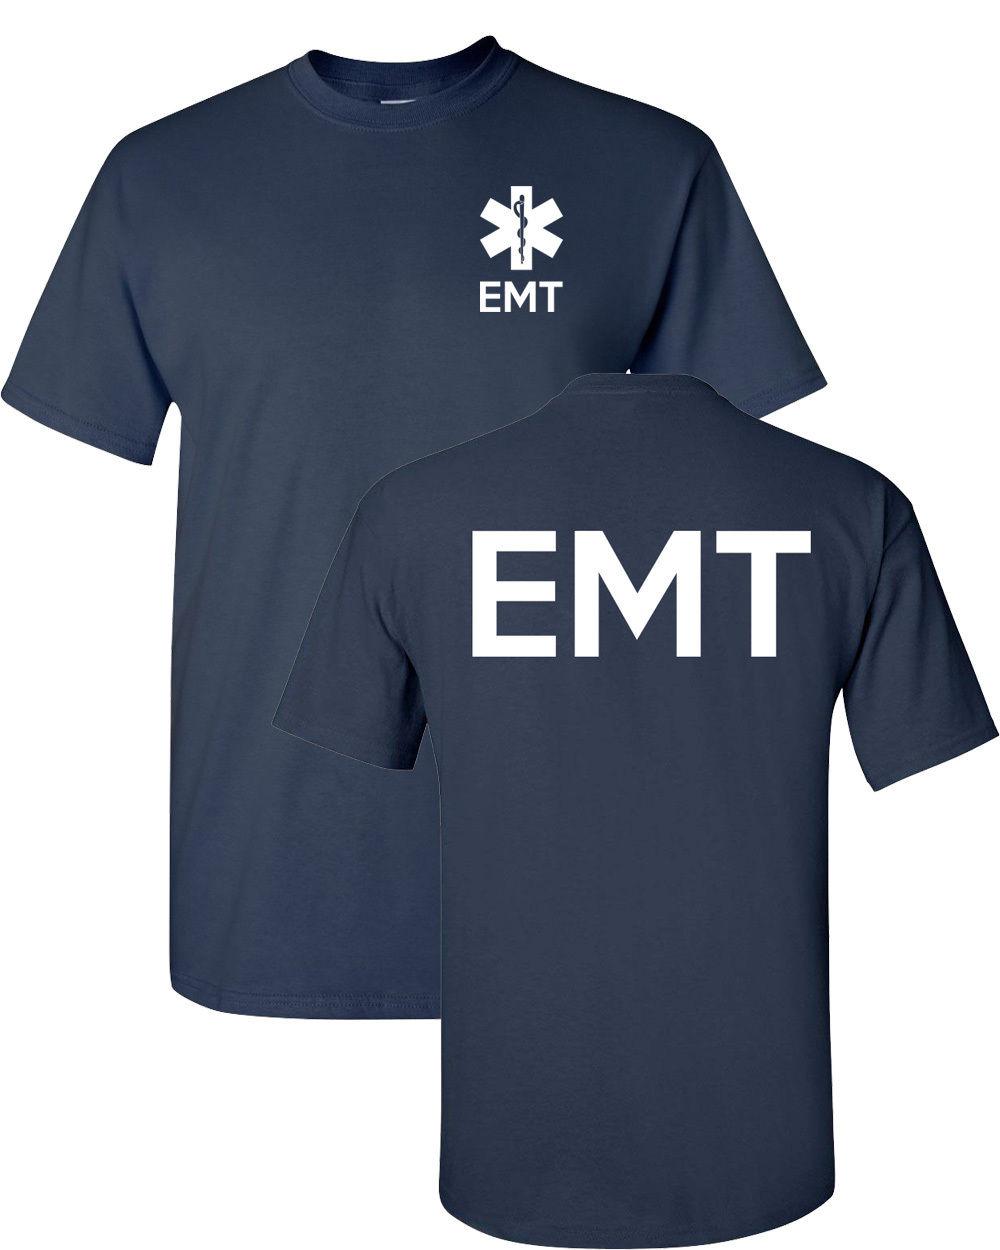 Moda s Camiseta de algodón de manga corta Emt paramédico de emergencia servicios médicos parte delantera y trasera Mes camisetas de alta calidad